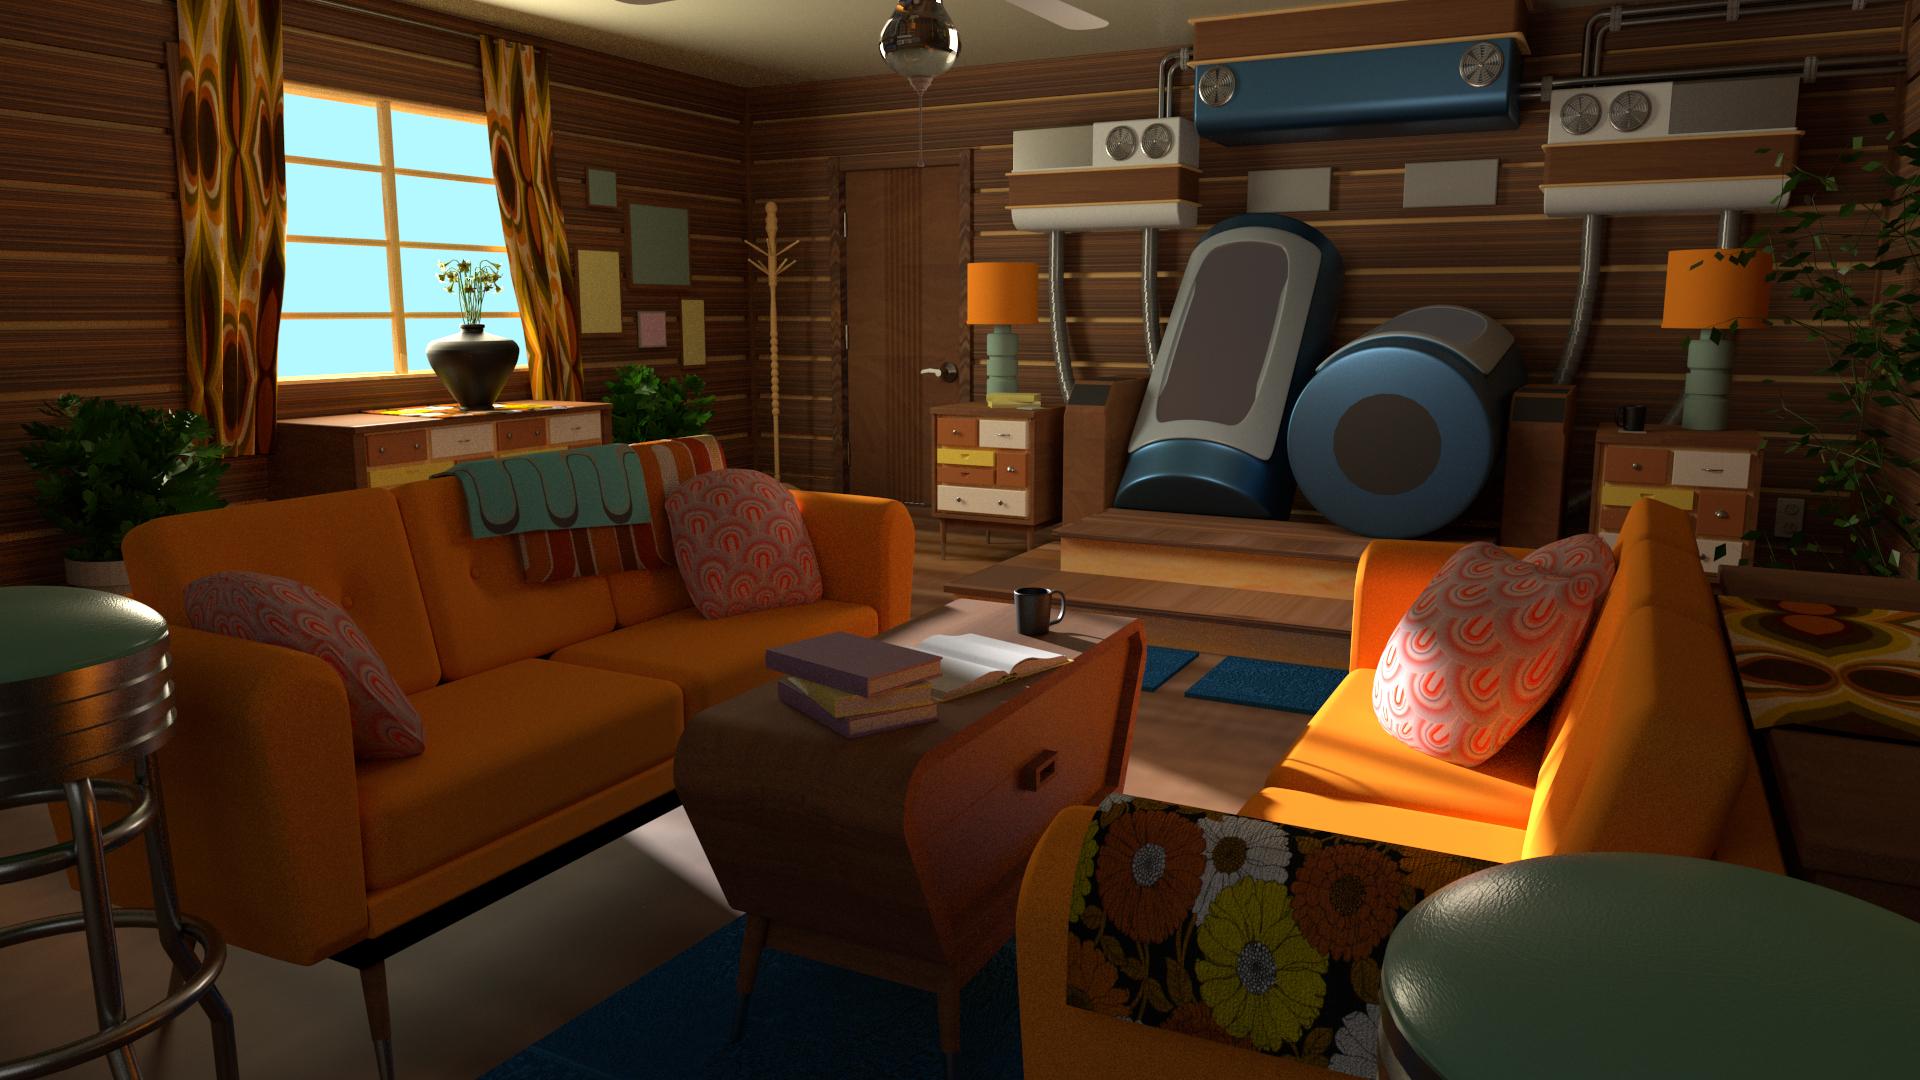 Dawson College Interior Design